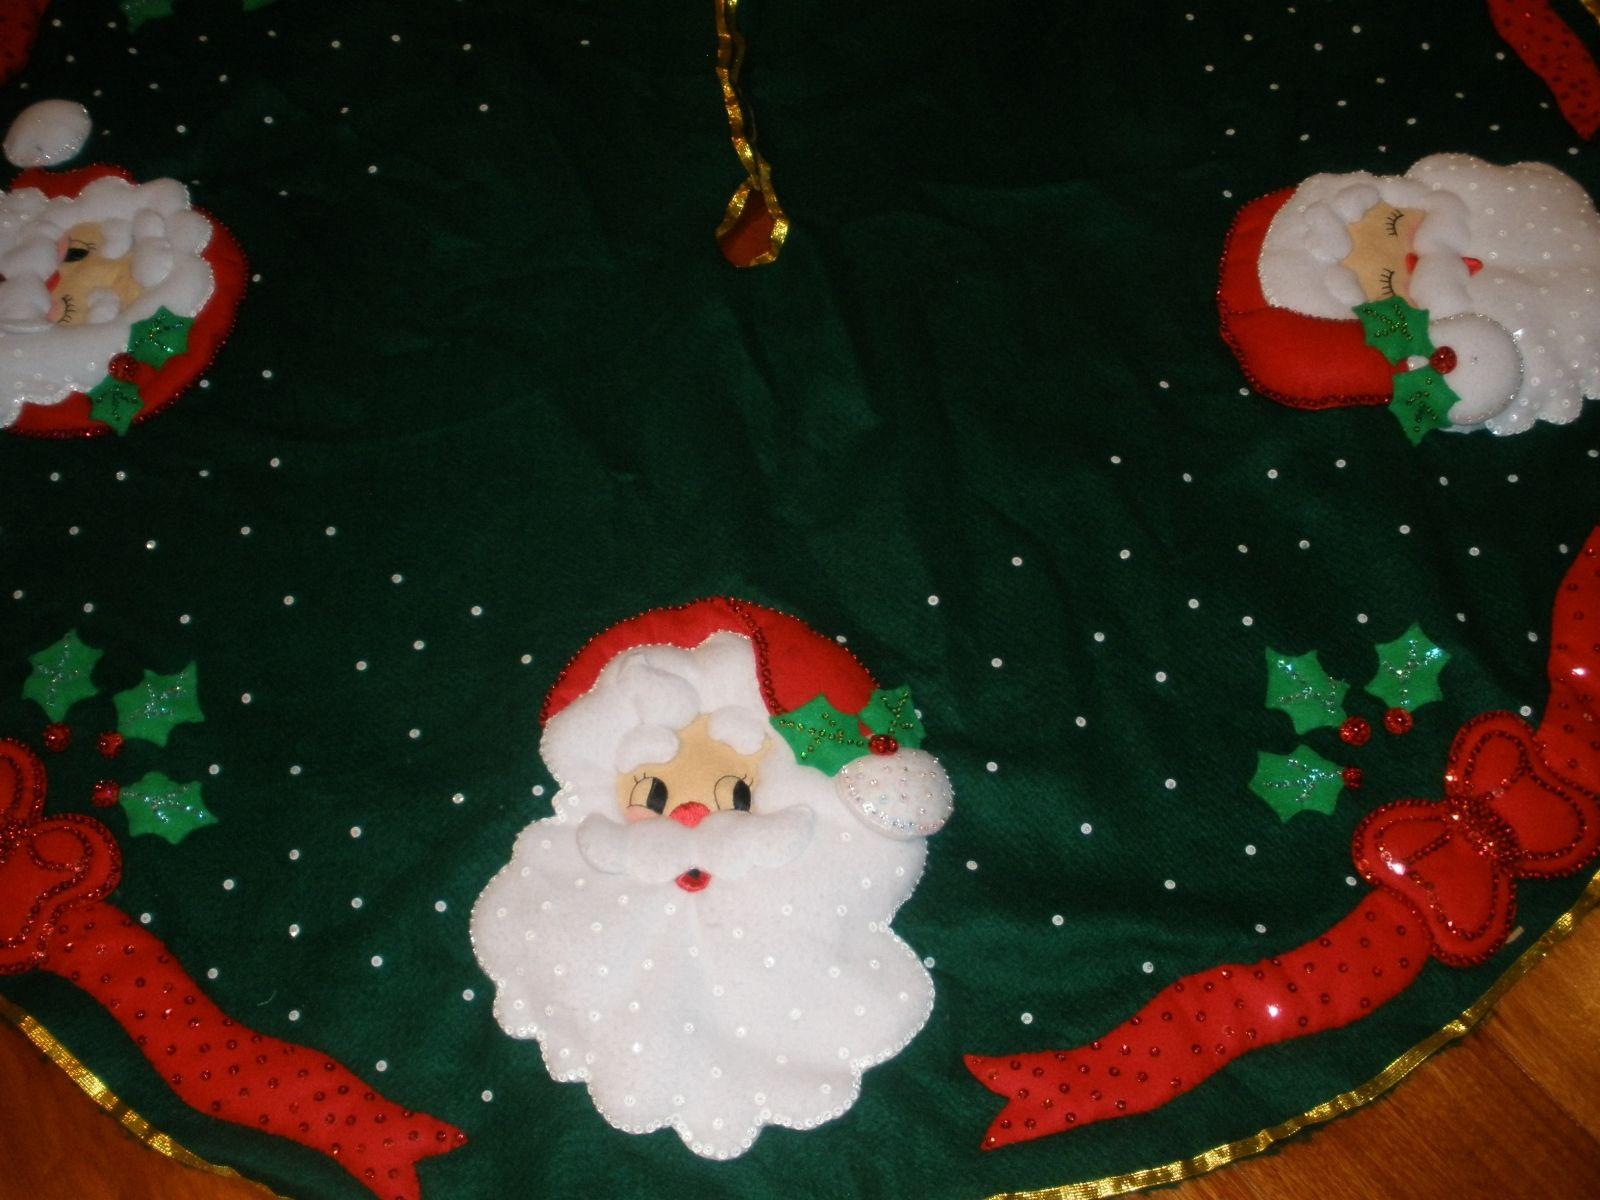 Pie de arbol de navidad hermosos dise os exclusivos - Arboles de navidad elegantes ...